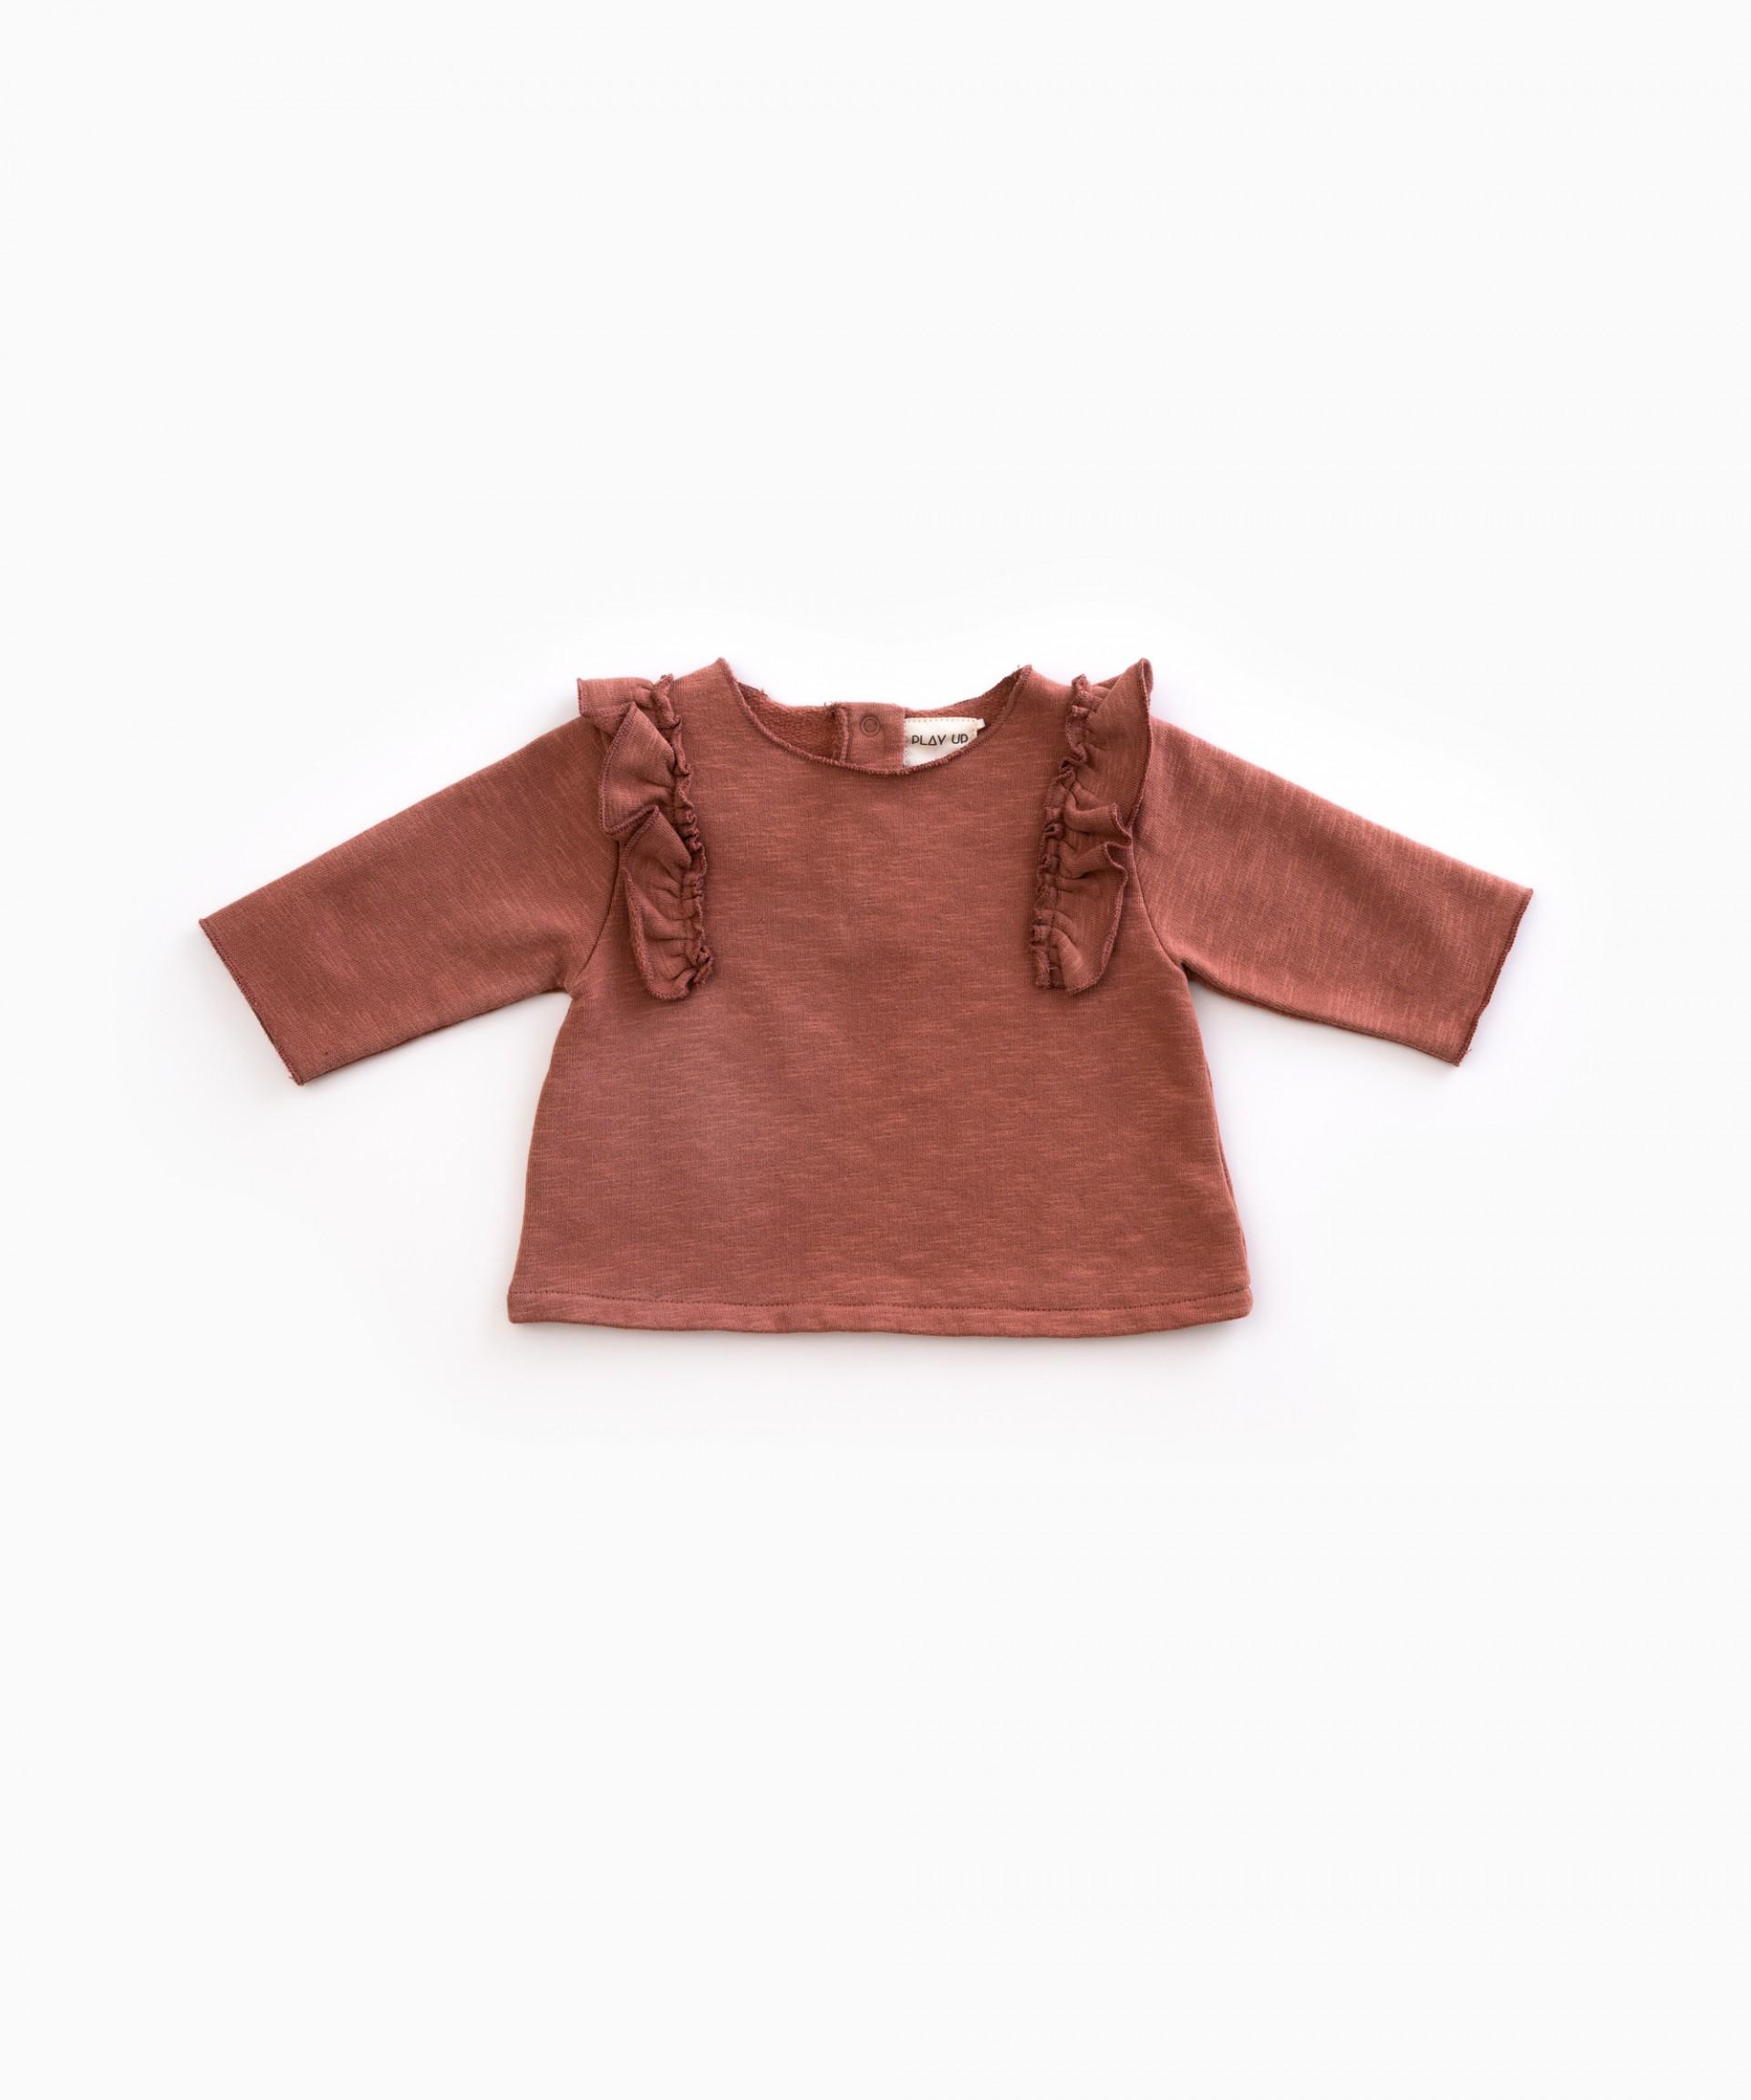 American Fleece Flamé Sweater